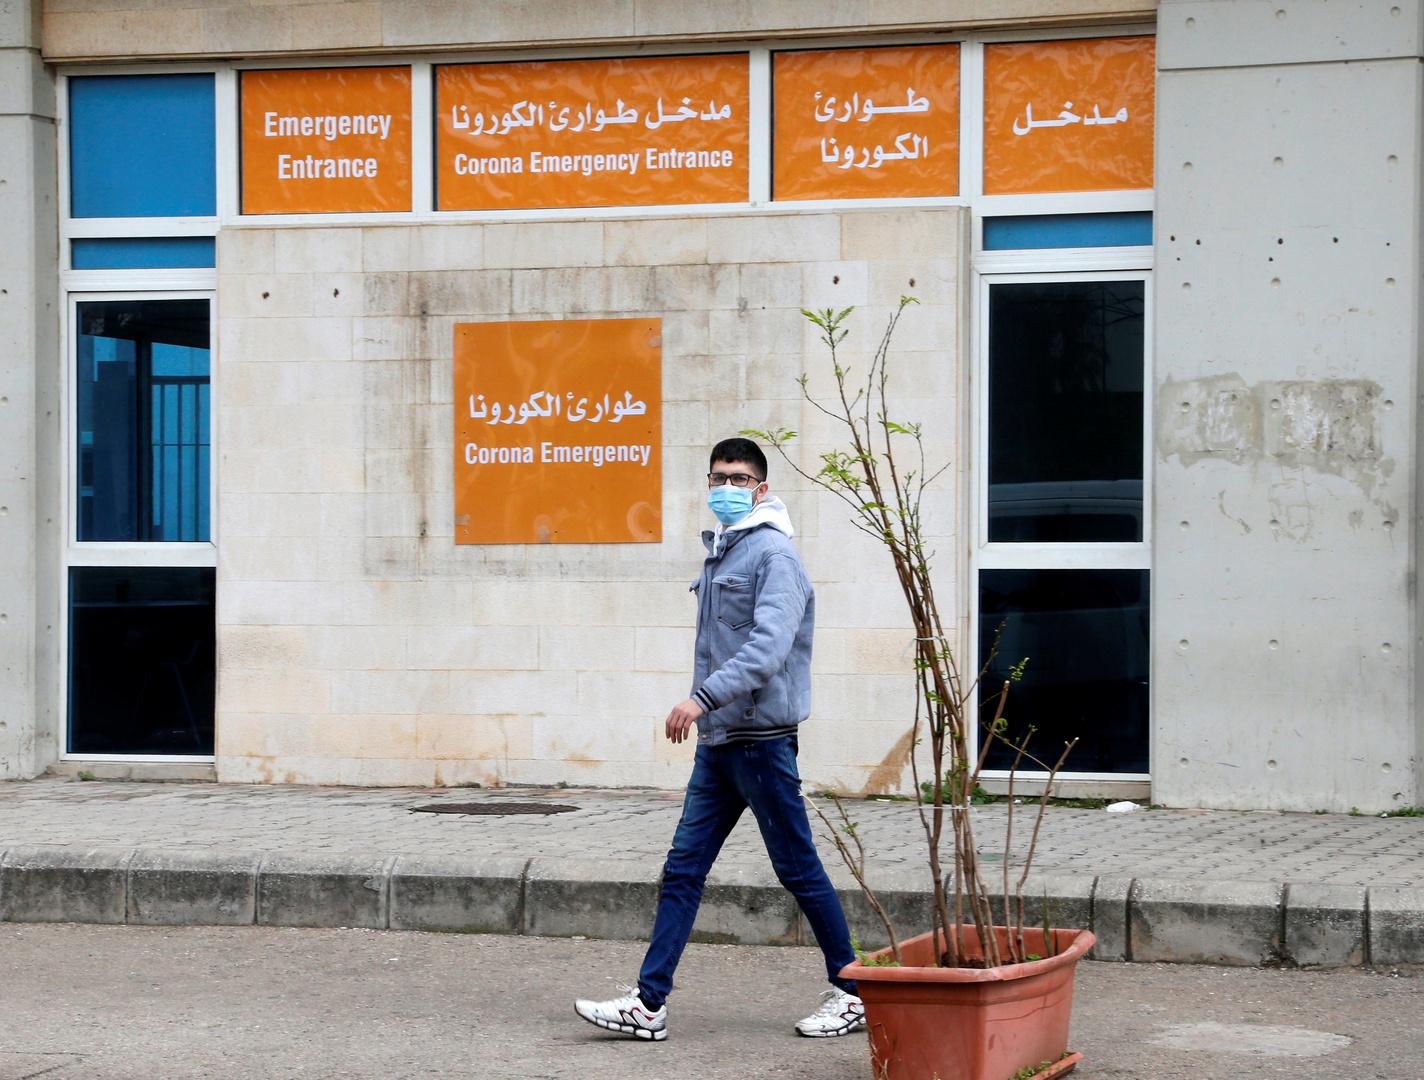 إصابات كورونا في لبنان تتجاوز 122 ألفا